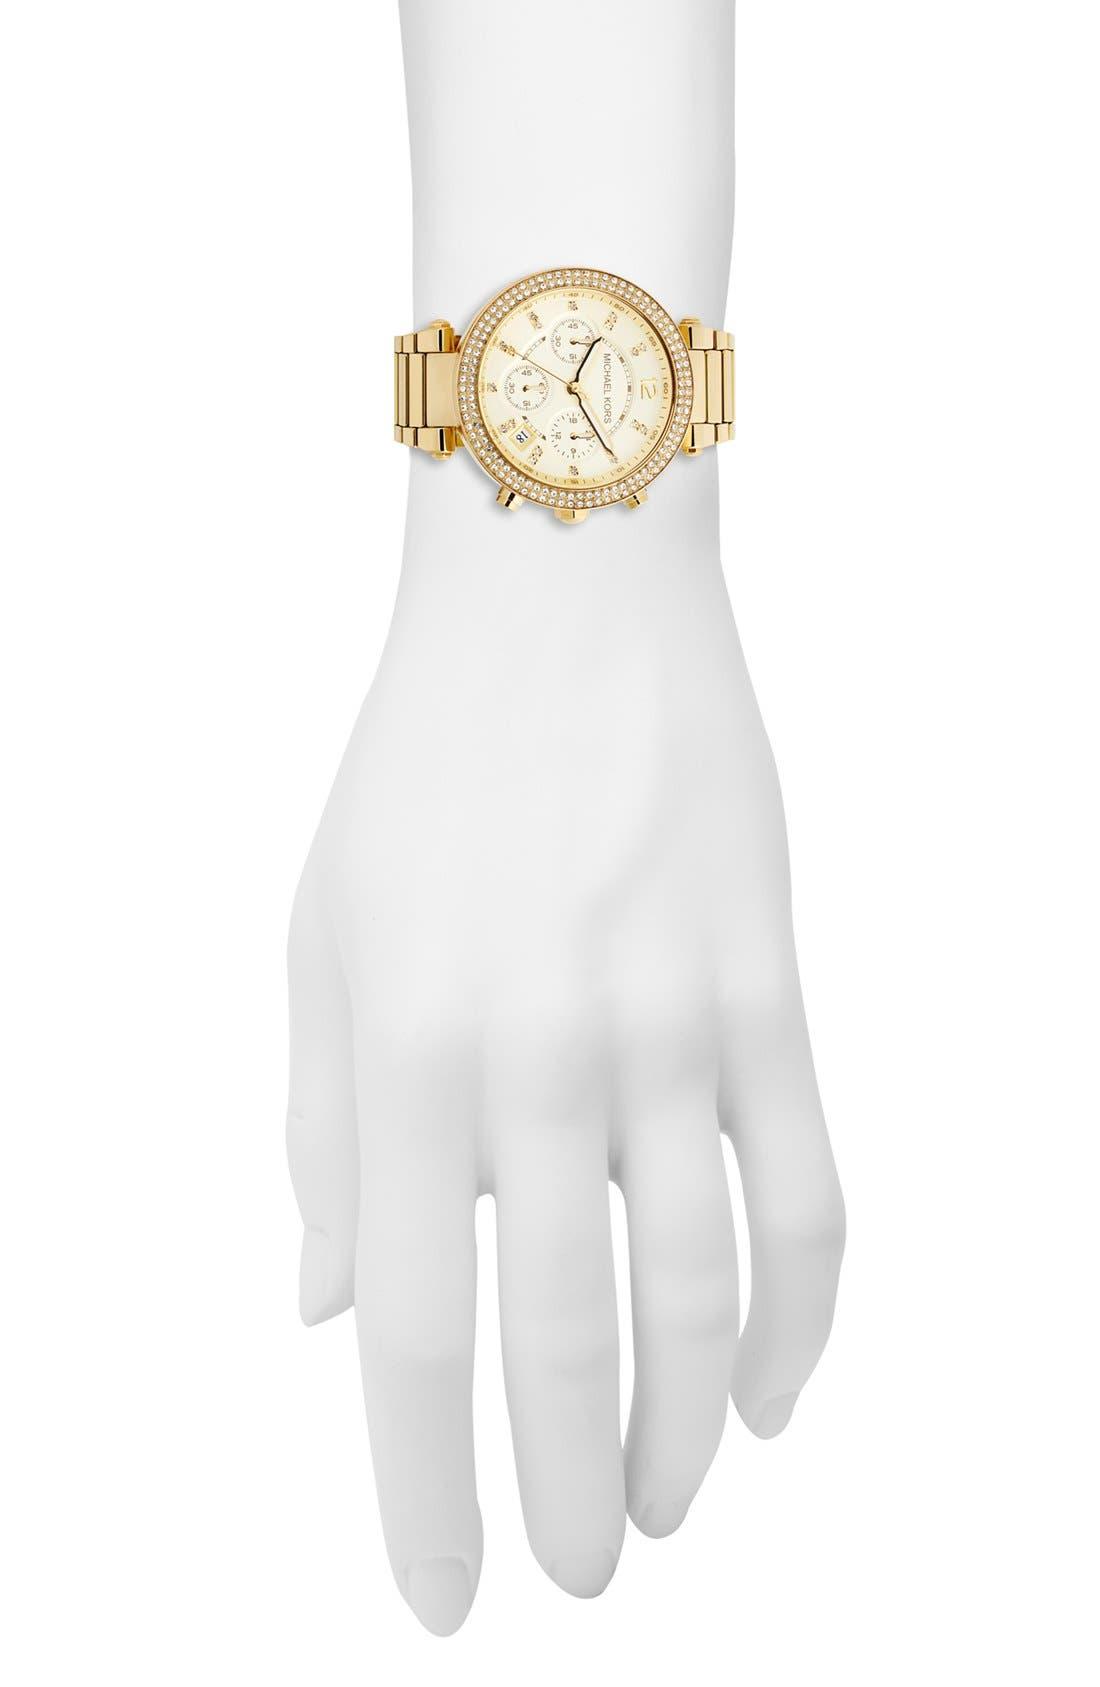 Michael Kors 'Parker' Chronograph Bracelet Watch, 39mm,                             Alternate thumbnail 5, color,                             Gold